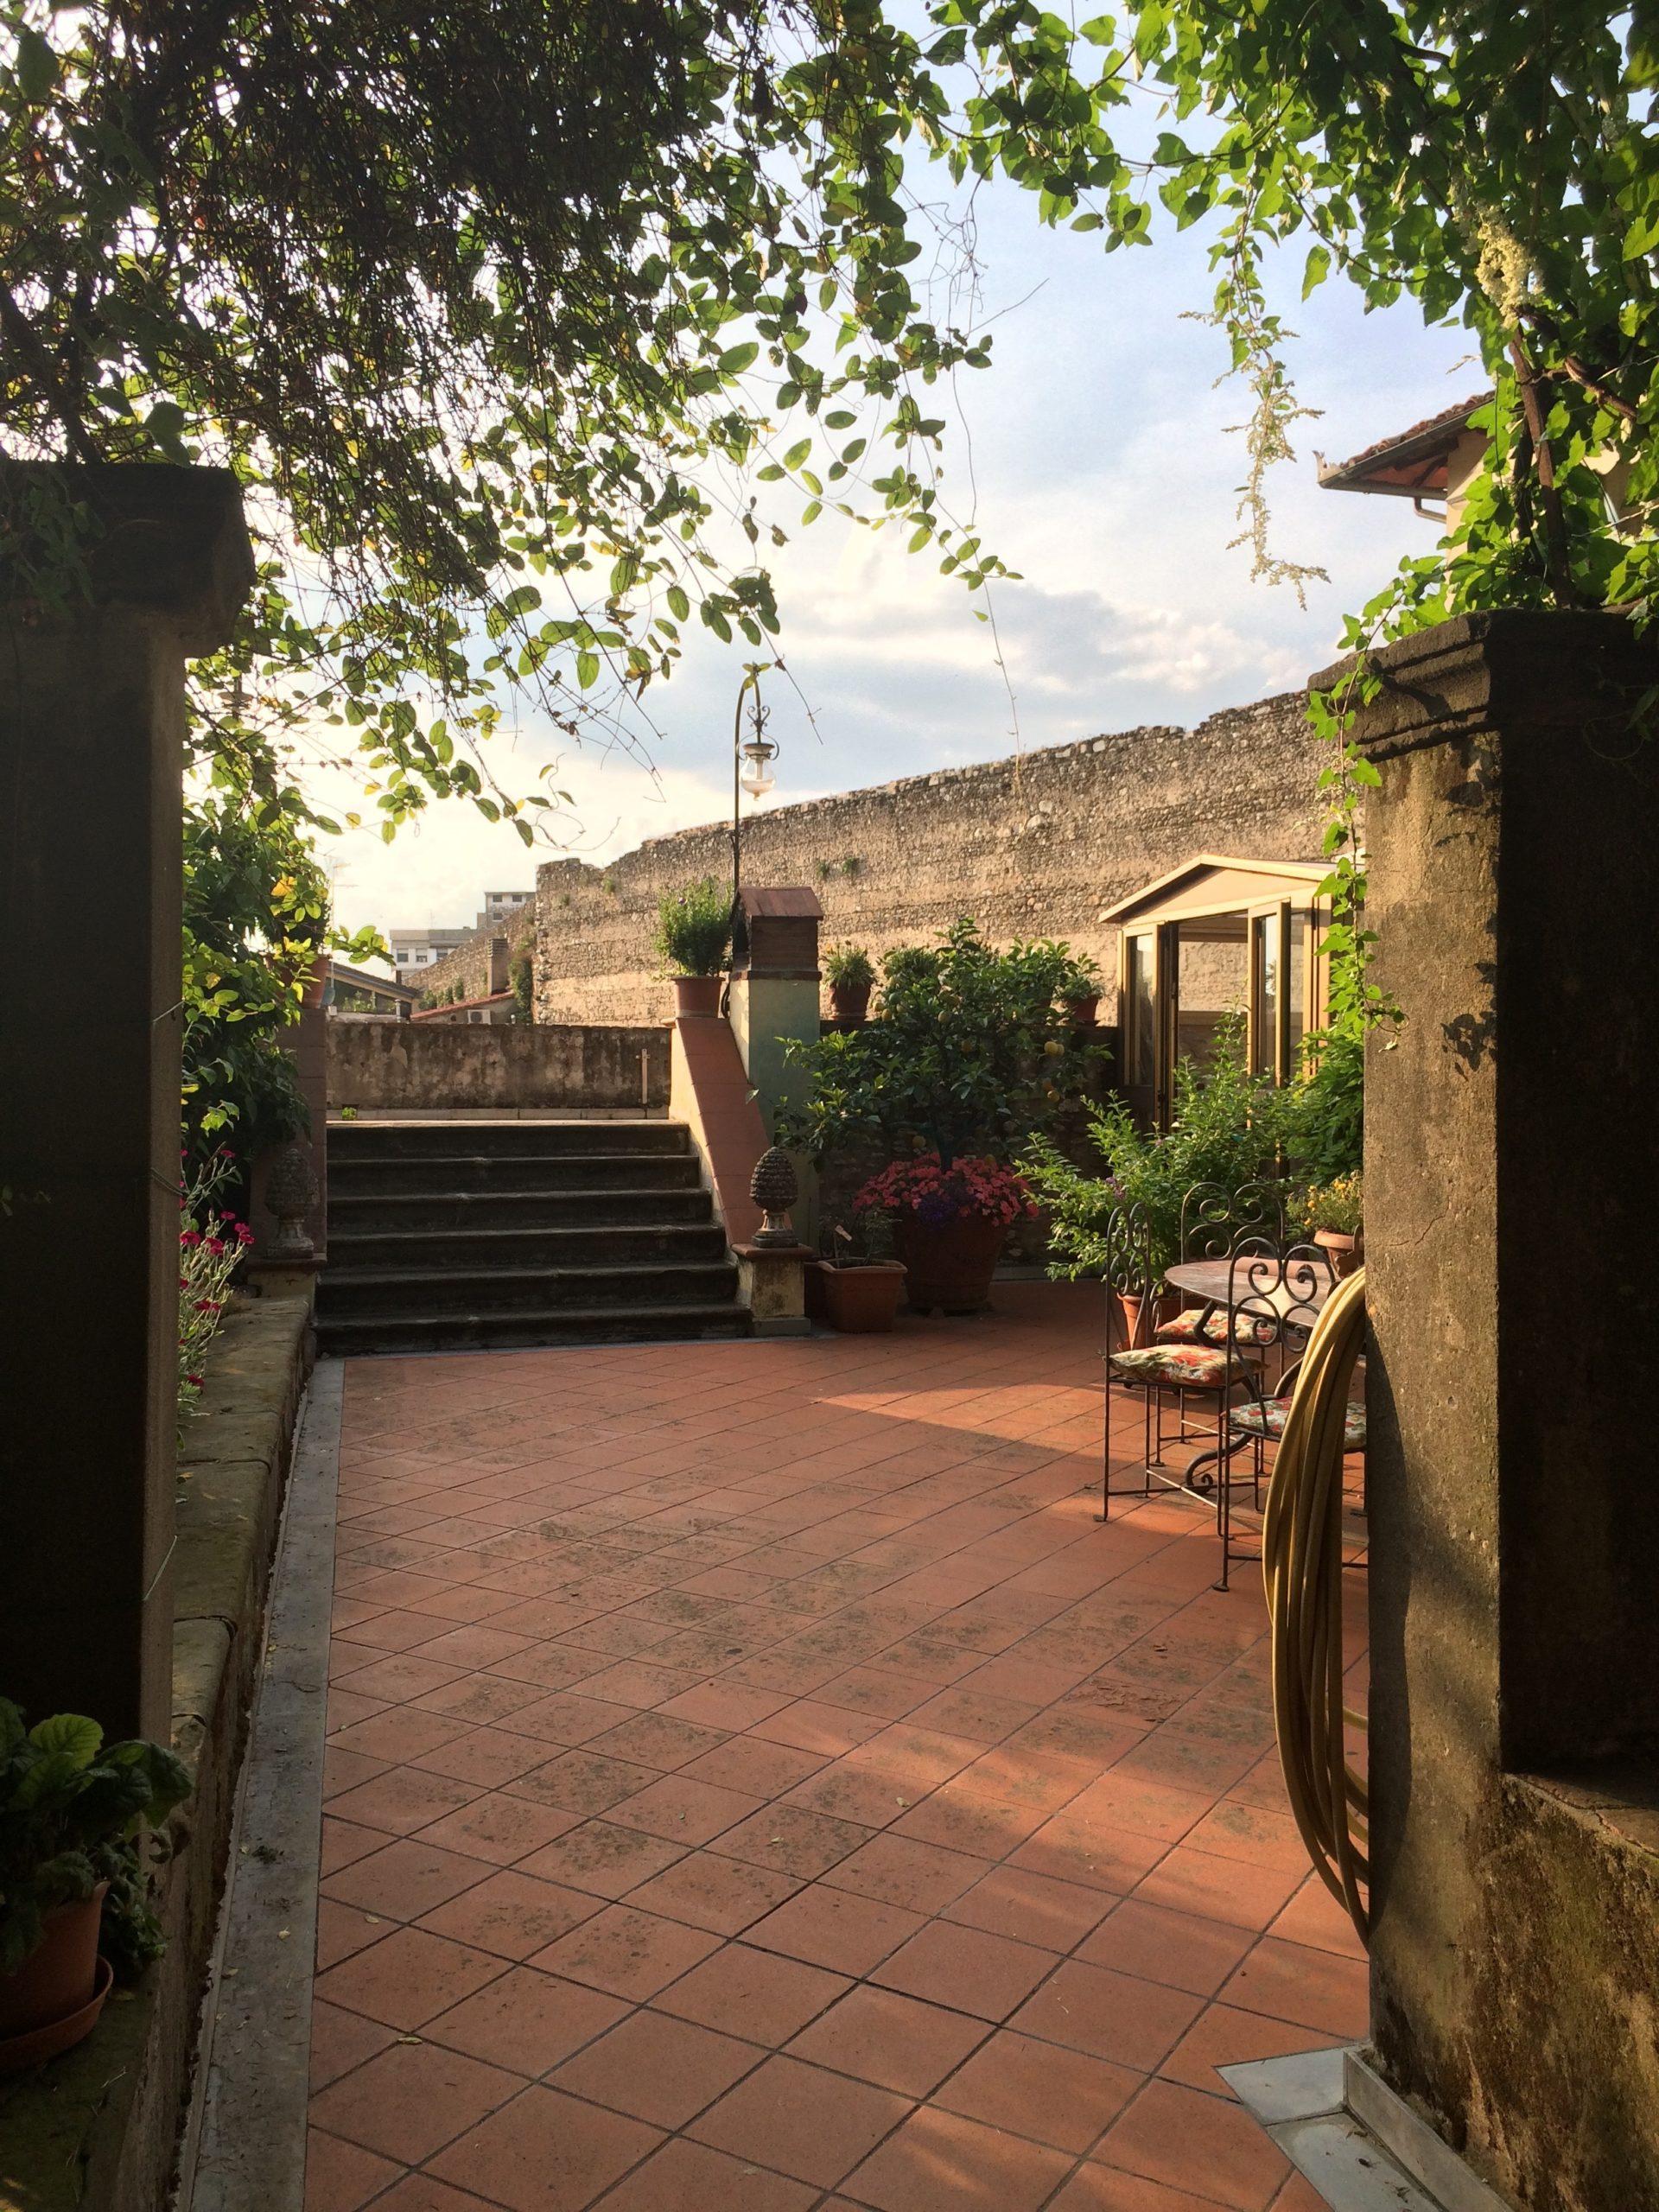 Visita: Il Bastione di Santa Trinita